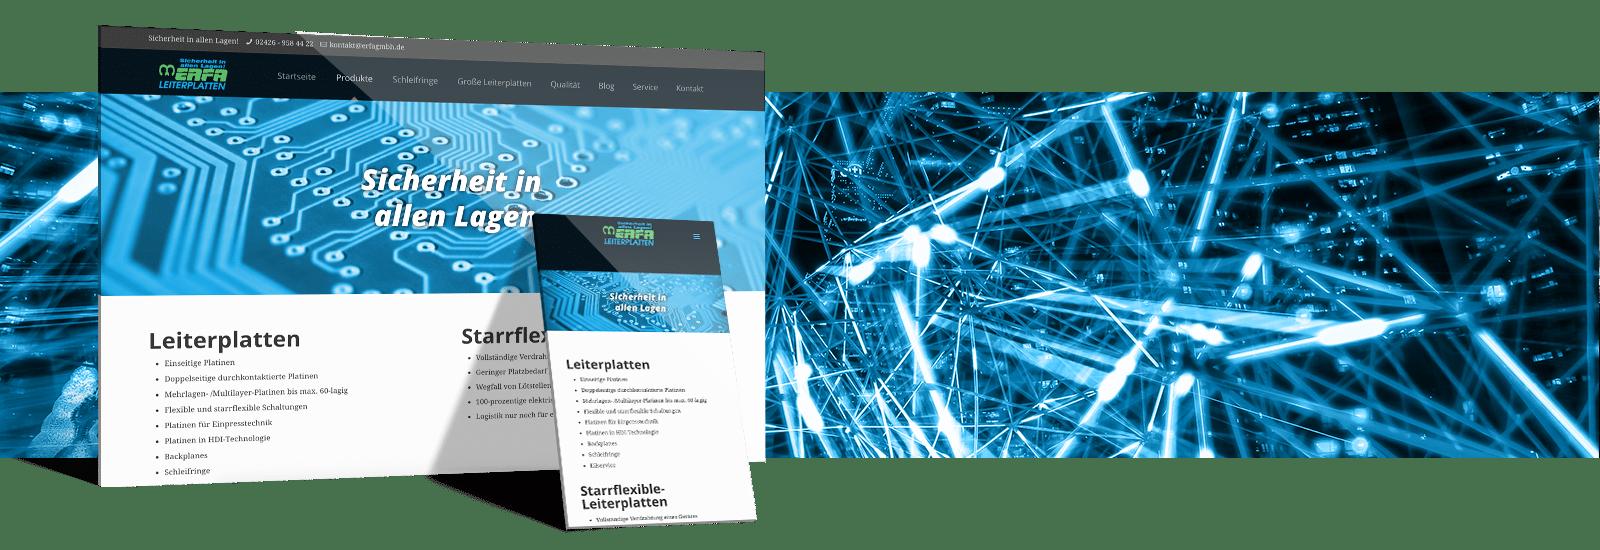 Elektriker Website Referenz - Erfa Leiterplatten